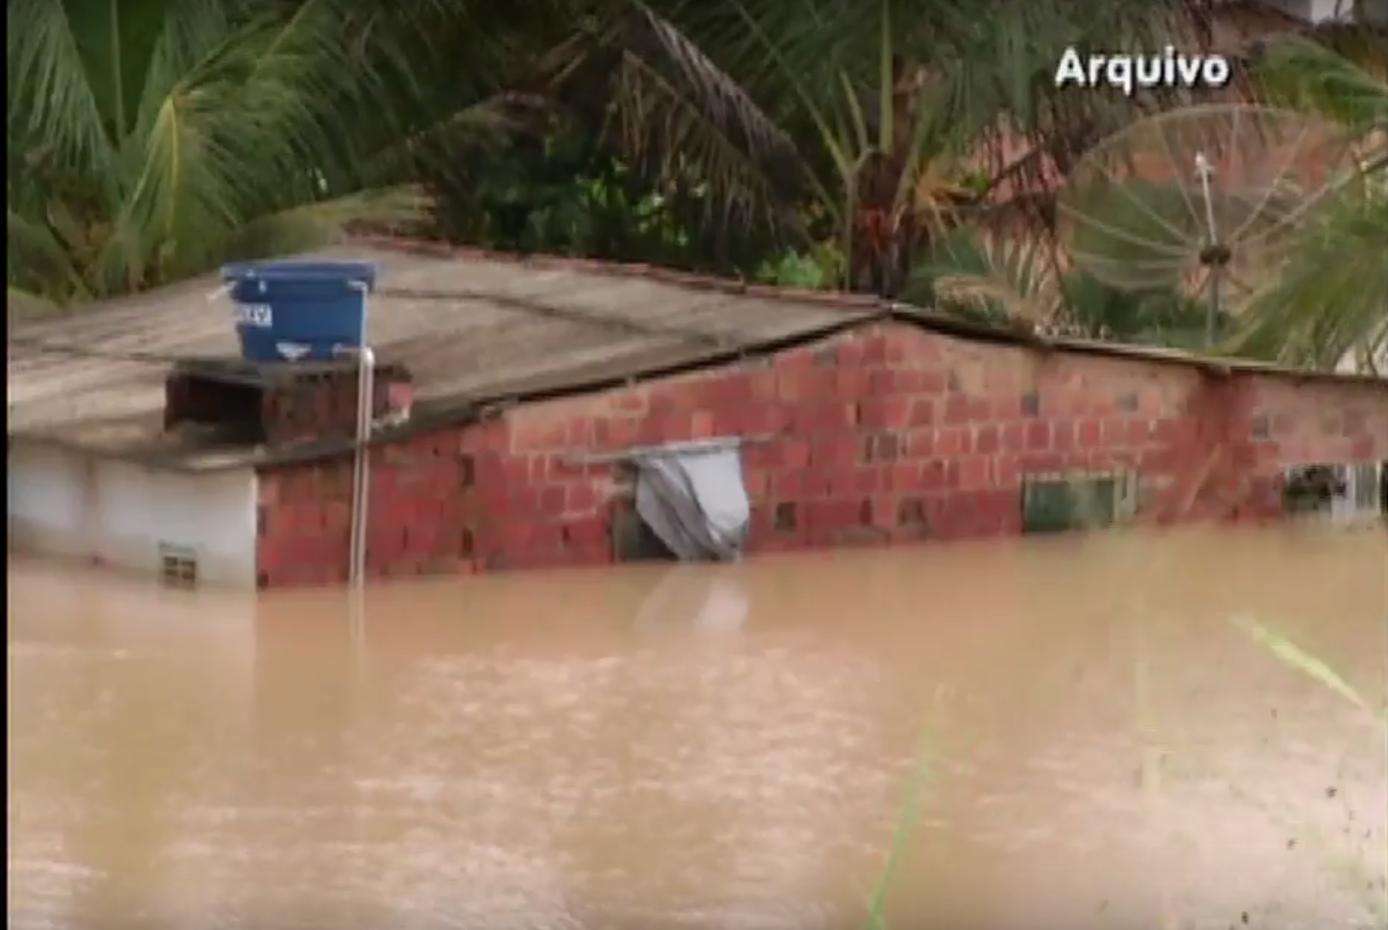 Оползни в Бразилии: погибли 12 человек, 70 тыс эвакуированы